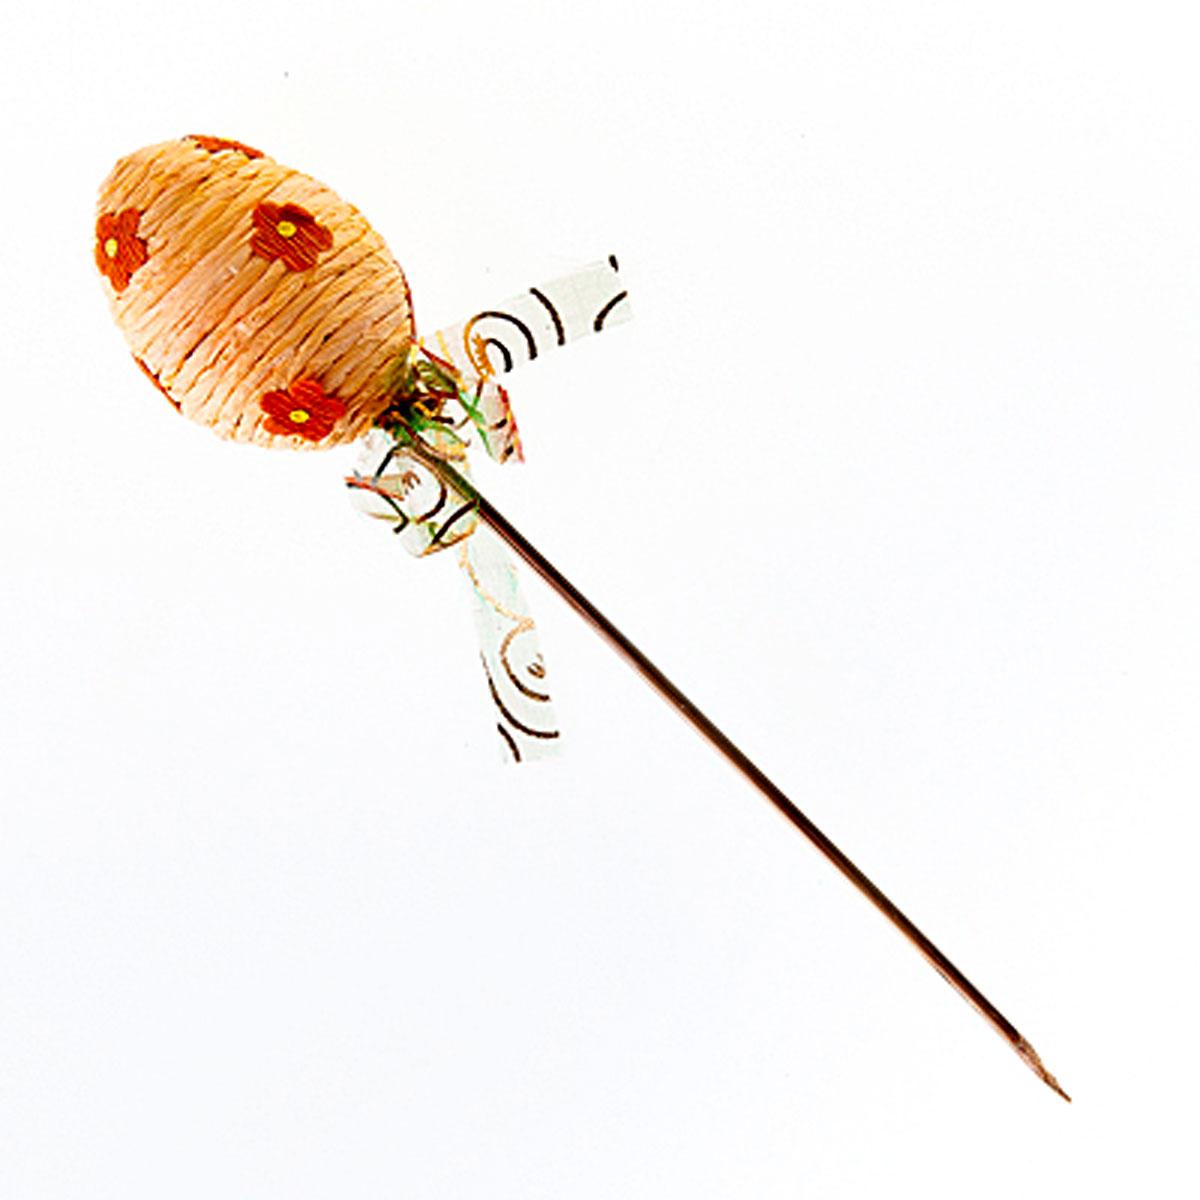 Декоративное украшение на ножке Home Queen Яйцо веселое, цвет: персиковый, высота 21 см60743_3Декоративное украшение Home Queen Яйцо веселое выполнено из пенопласта и бумаги в виде пасхального яйца на деревянной ножке, декорированного рельефными бумажными цветами. Изделие украшено полупрозрачной лентой. Такое украшение прекрасно дополнит подарок для друзей или близких на Пасху. Высота: 21 см. Размер яйца: 5 см х 5 см.